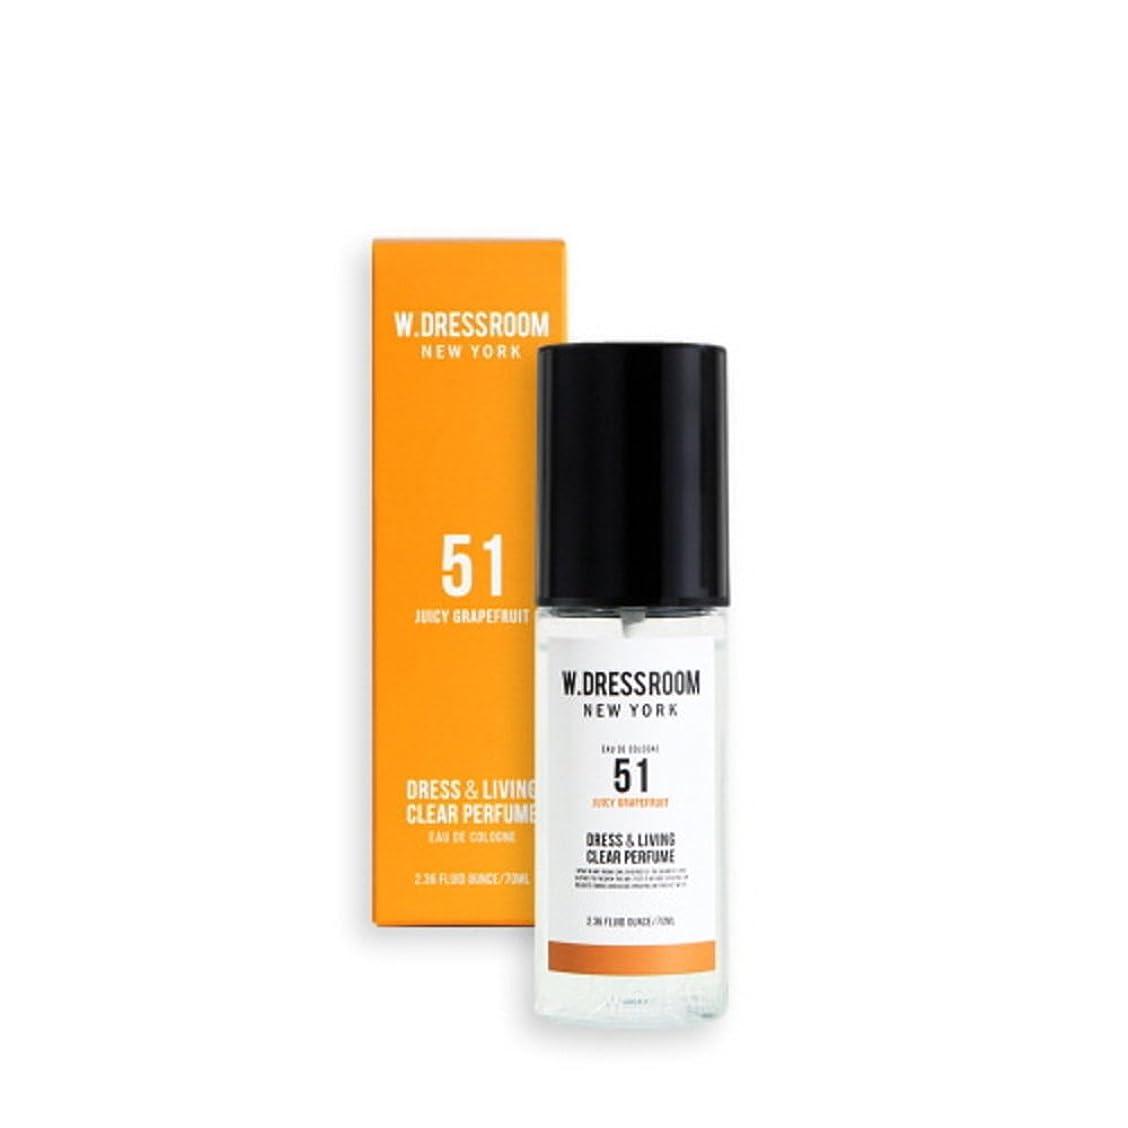 十一ミス立証するW.DRESSROOM Dress & Living Clear Perfume fragrance 70ml (#No.51 Juicy Grapefruit)/ダブルドレスルーム ドレス&リビング クリア パフューム 70ml (#No.51 Juicy Grapefruit)